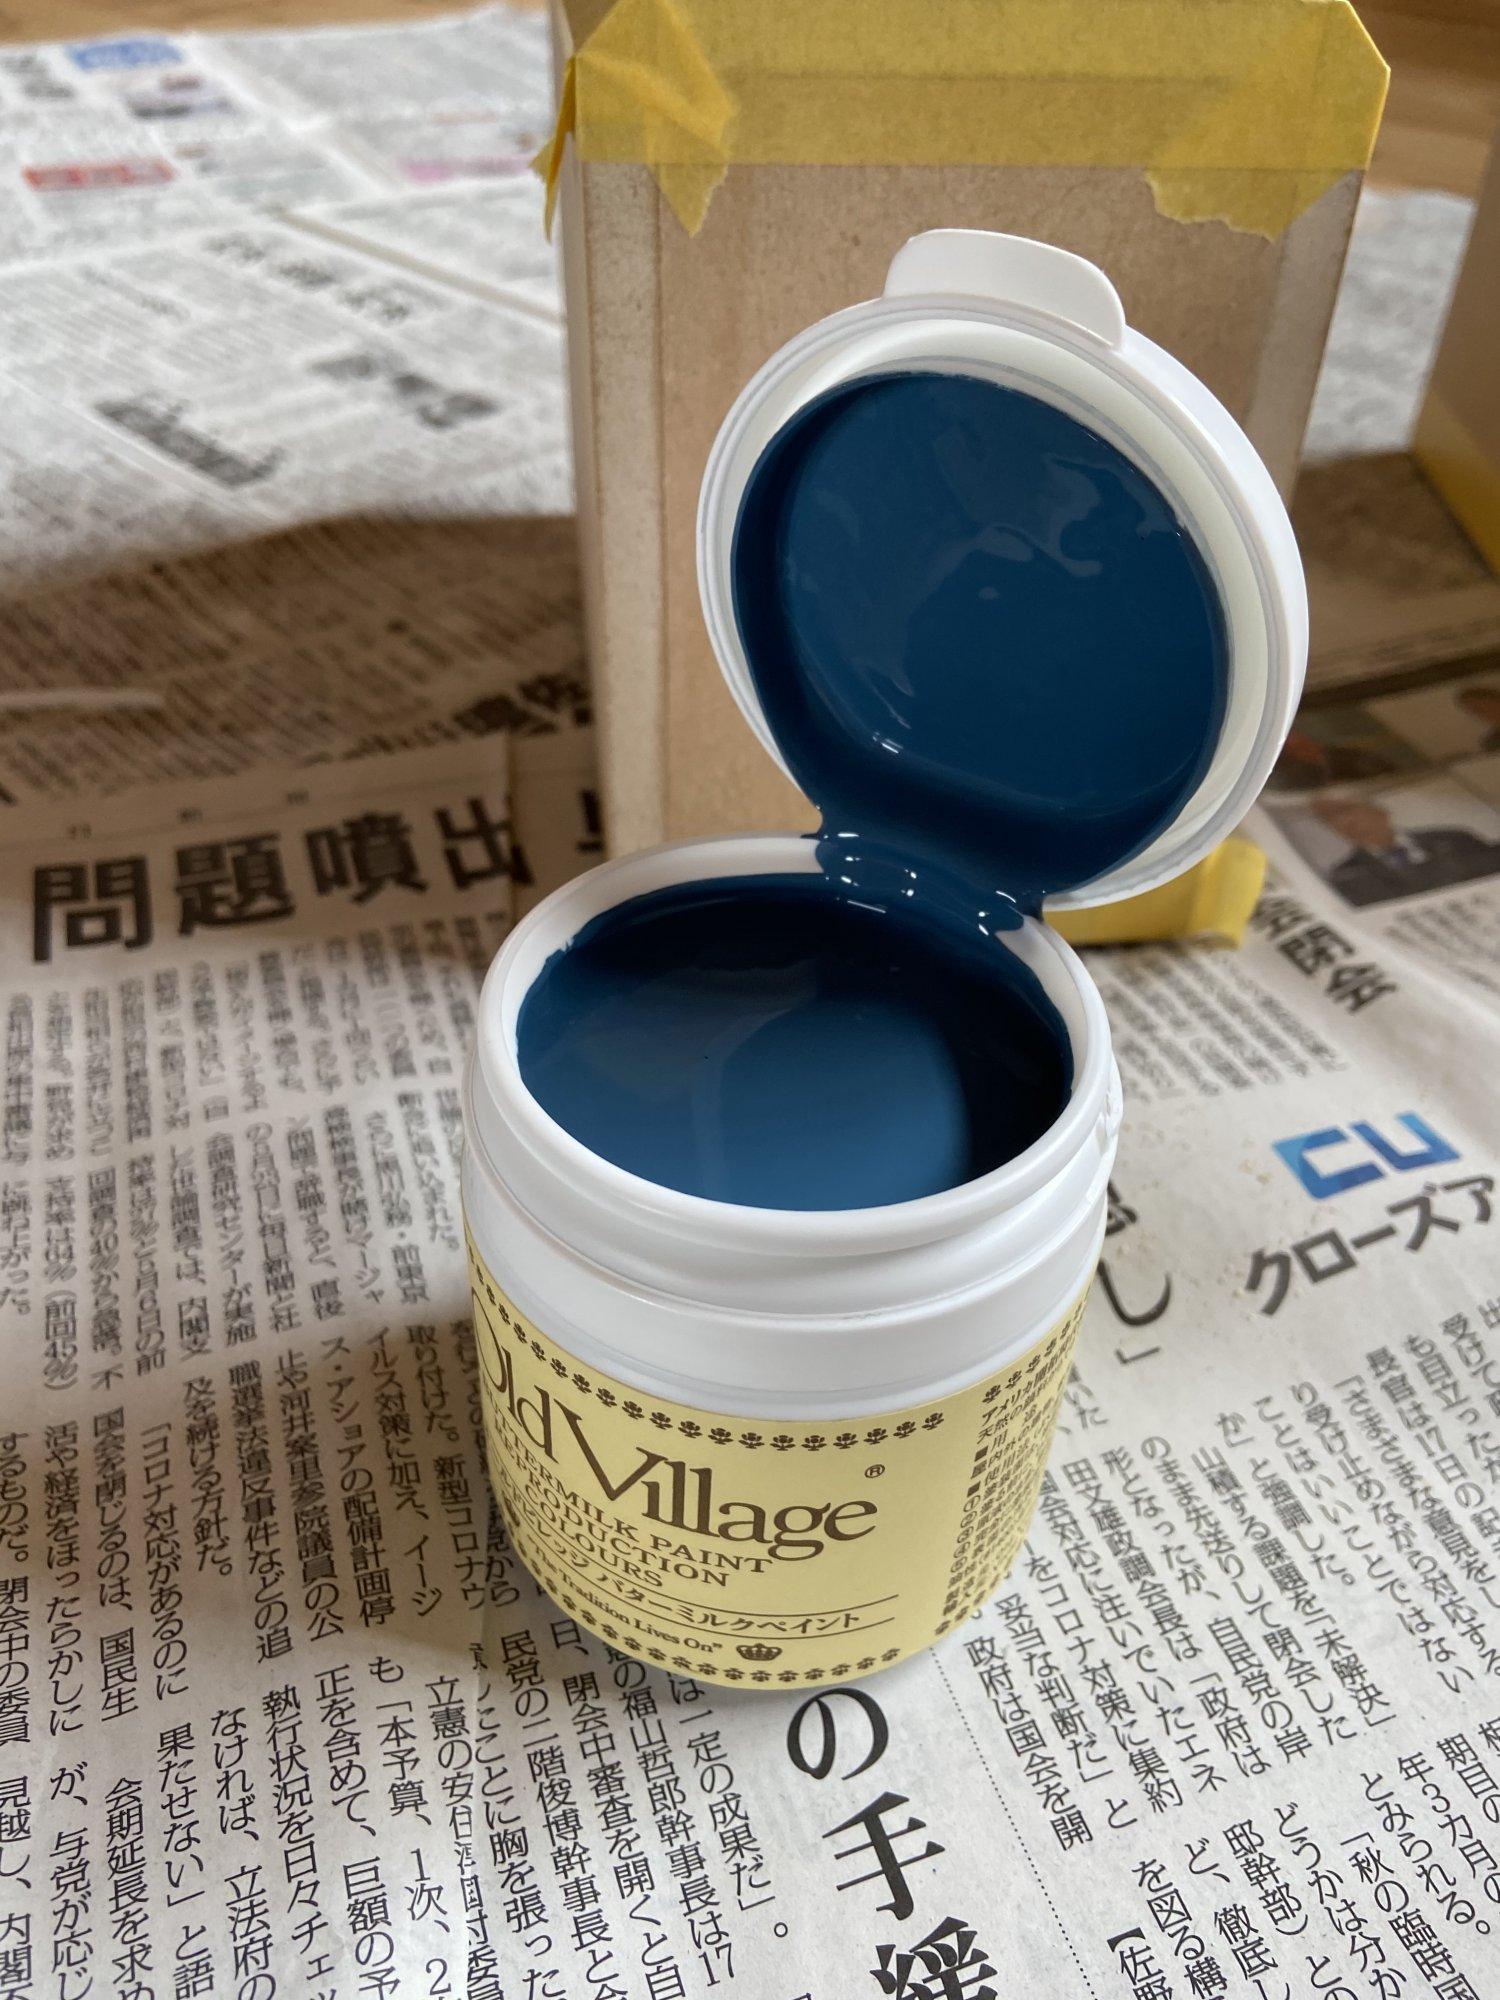 憧れのJBLカラーを実現させる「Old Village」の塗料。